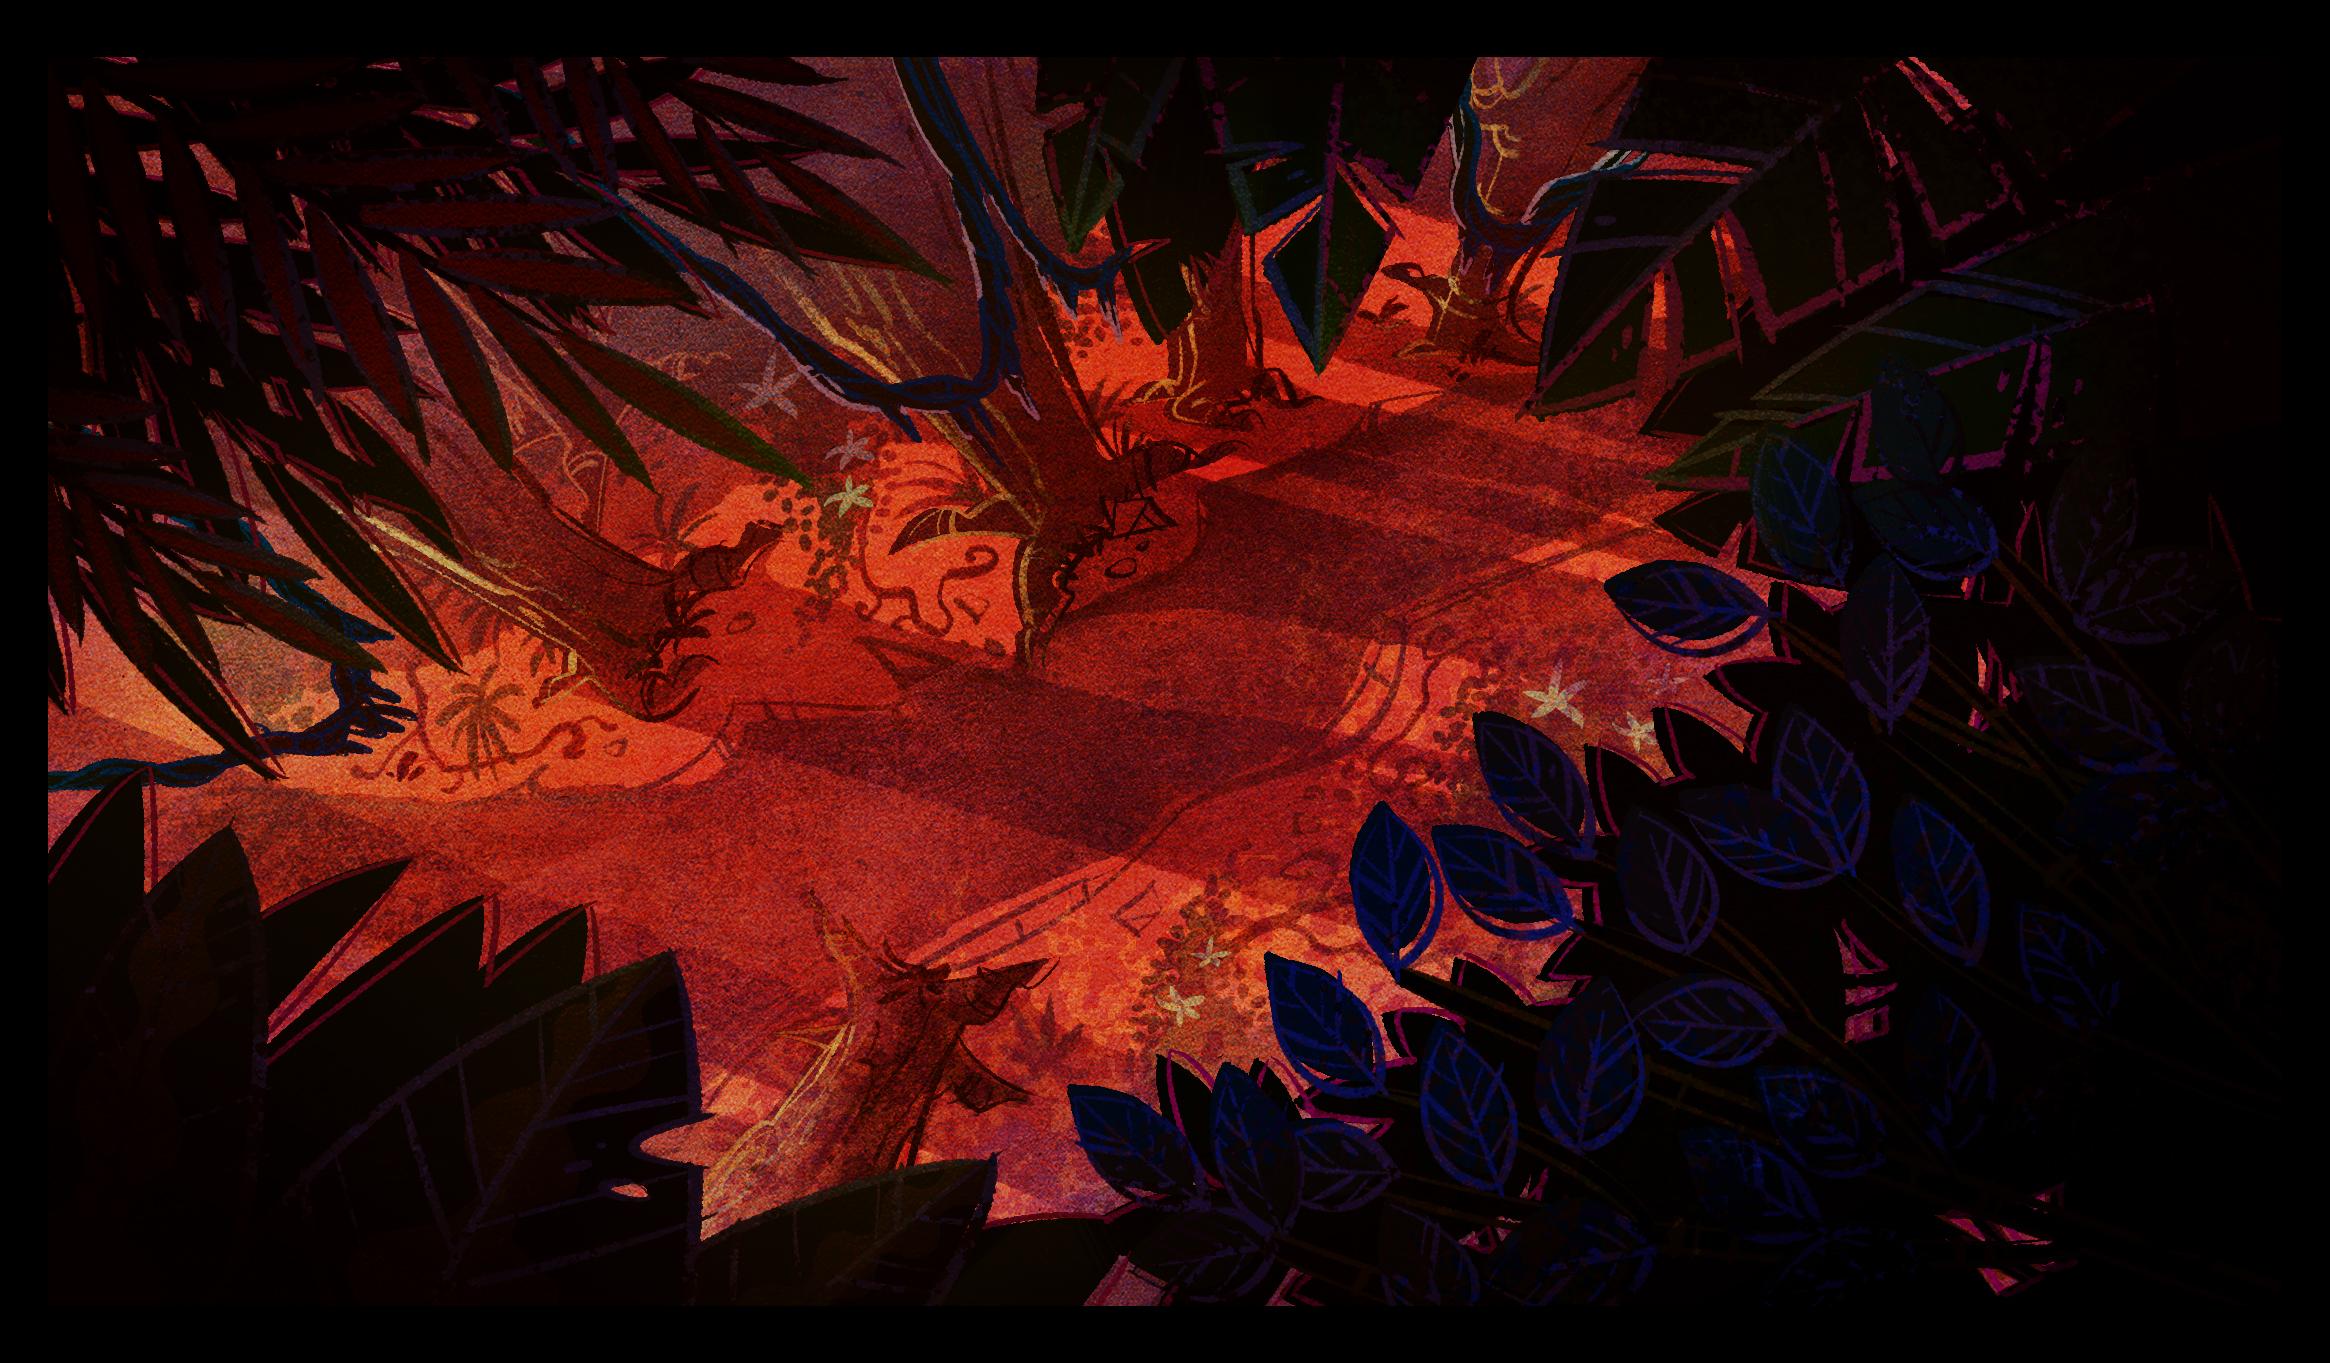 482M_506Sc37_Forest_Downshot.jpg